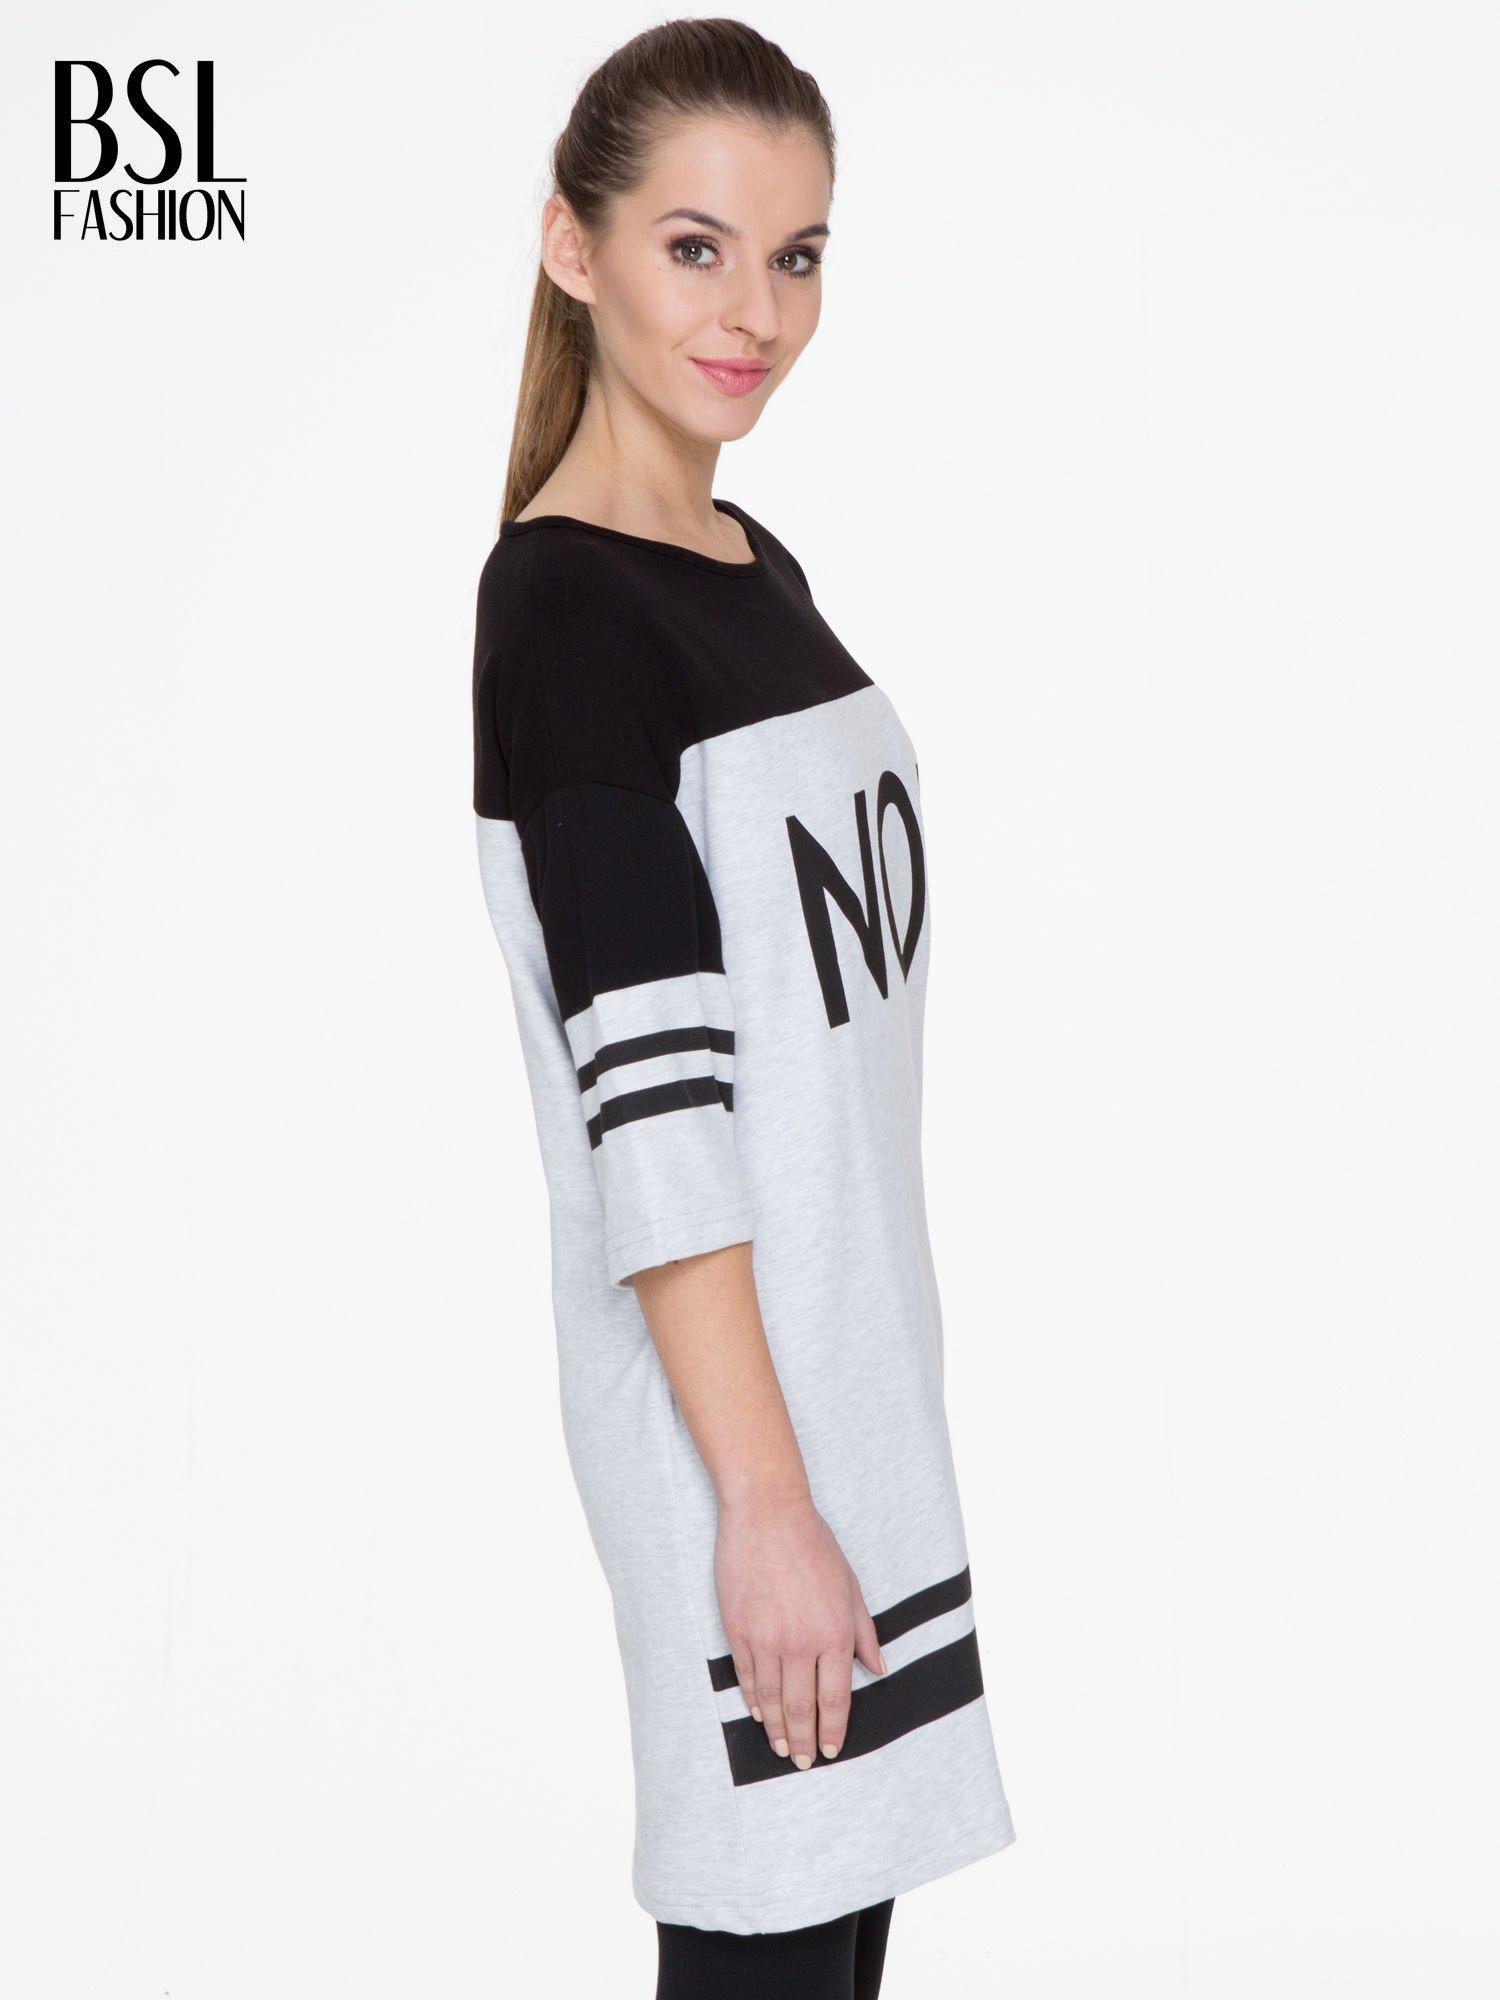 Szara sukienka z napisem NOIR w stylu sportowym                                  zdj.                                  3